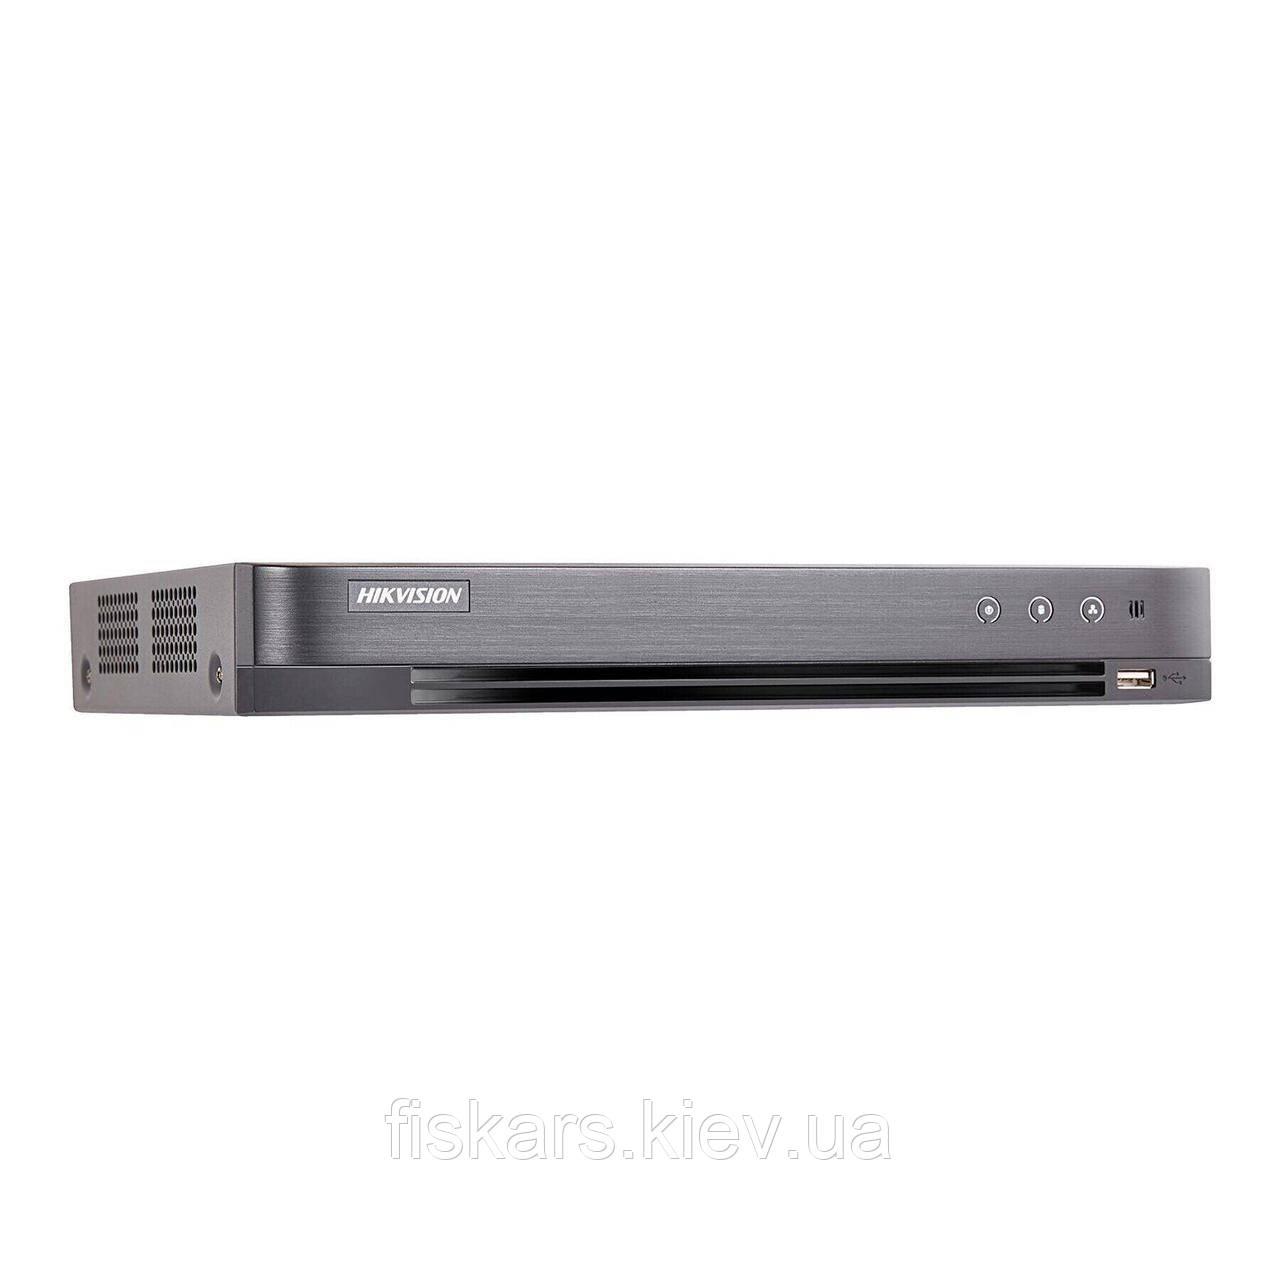 16-канальный Turbo HD видеорегистратор Hikvision DS-7216HQHI-K2(S)